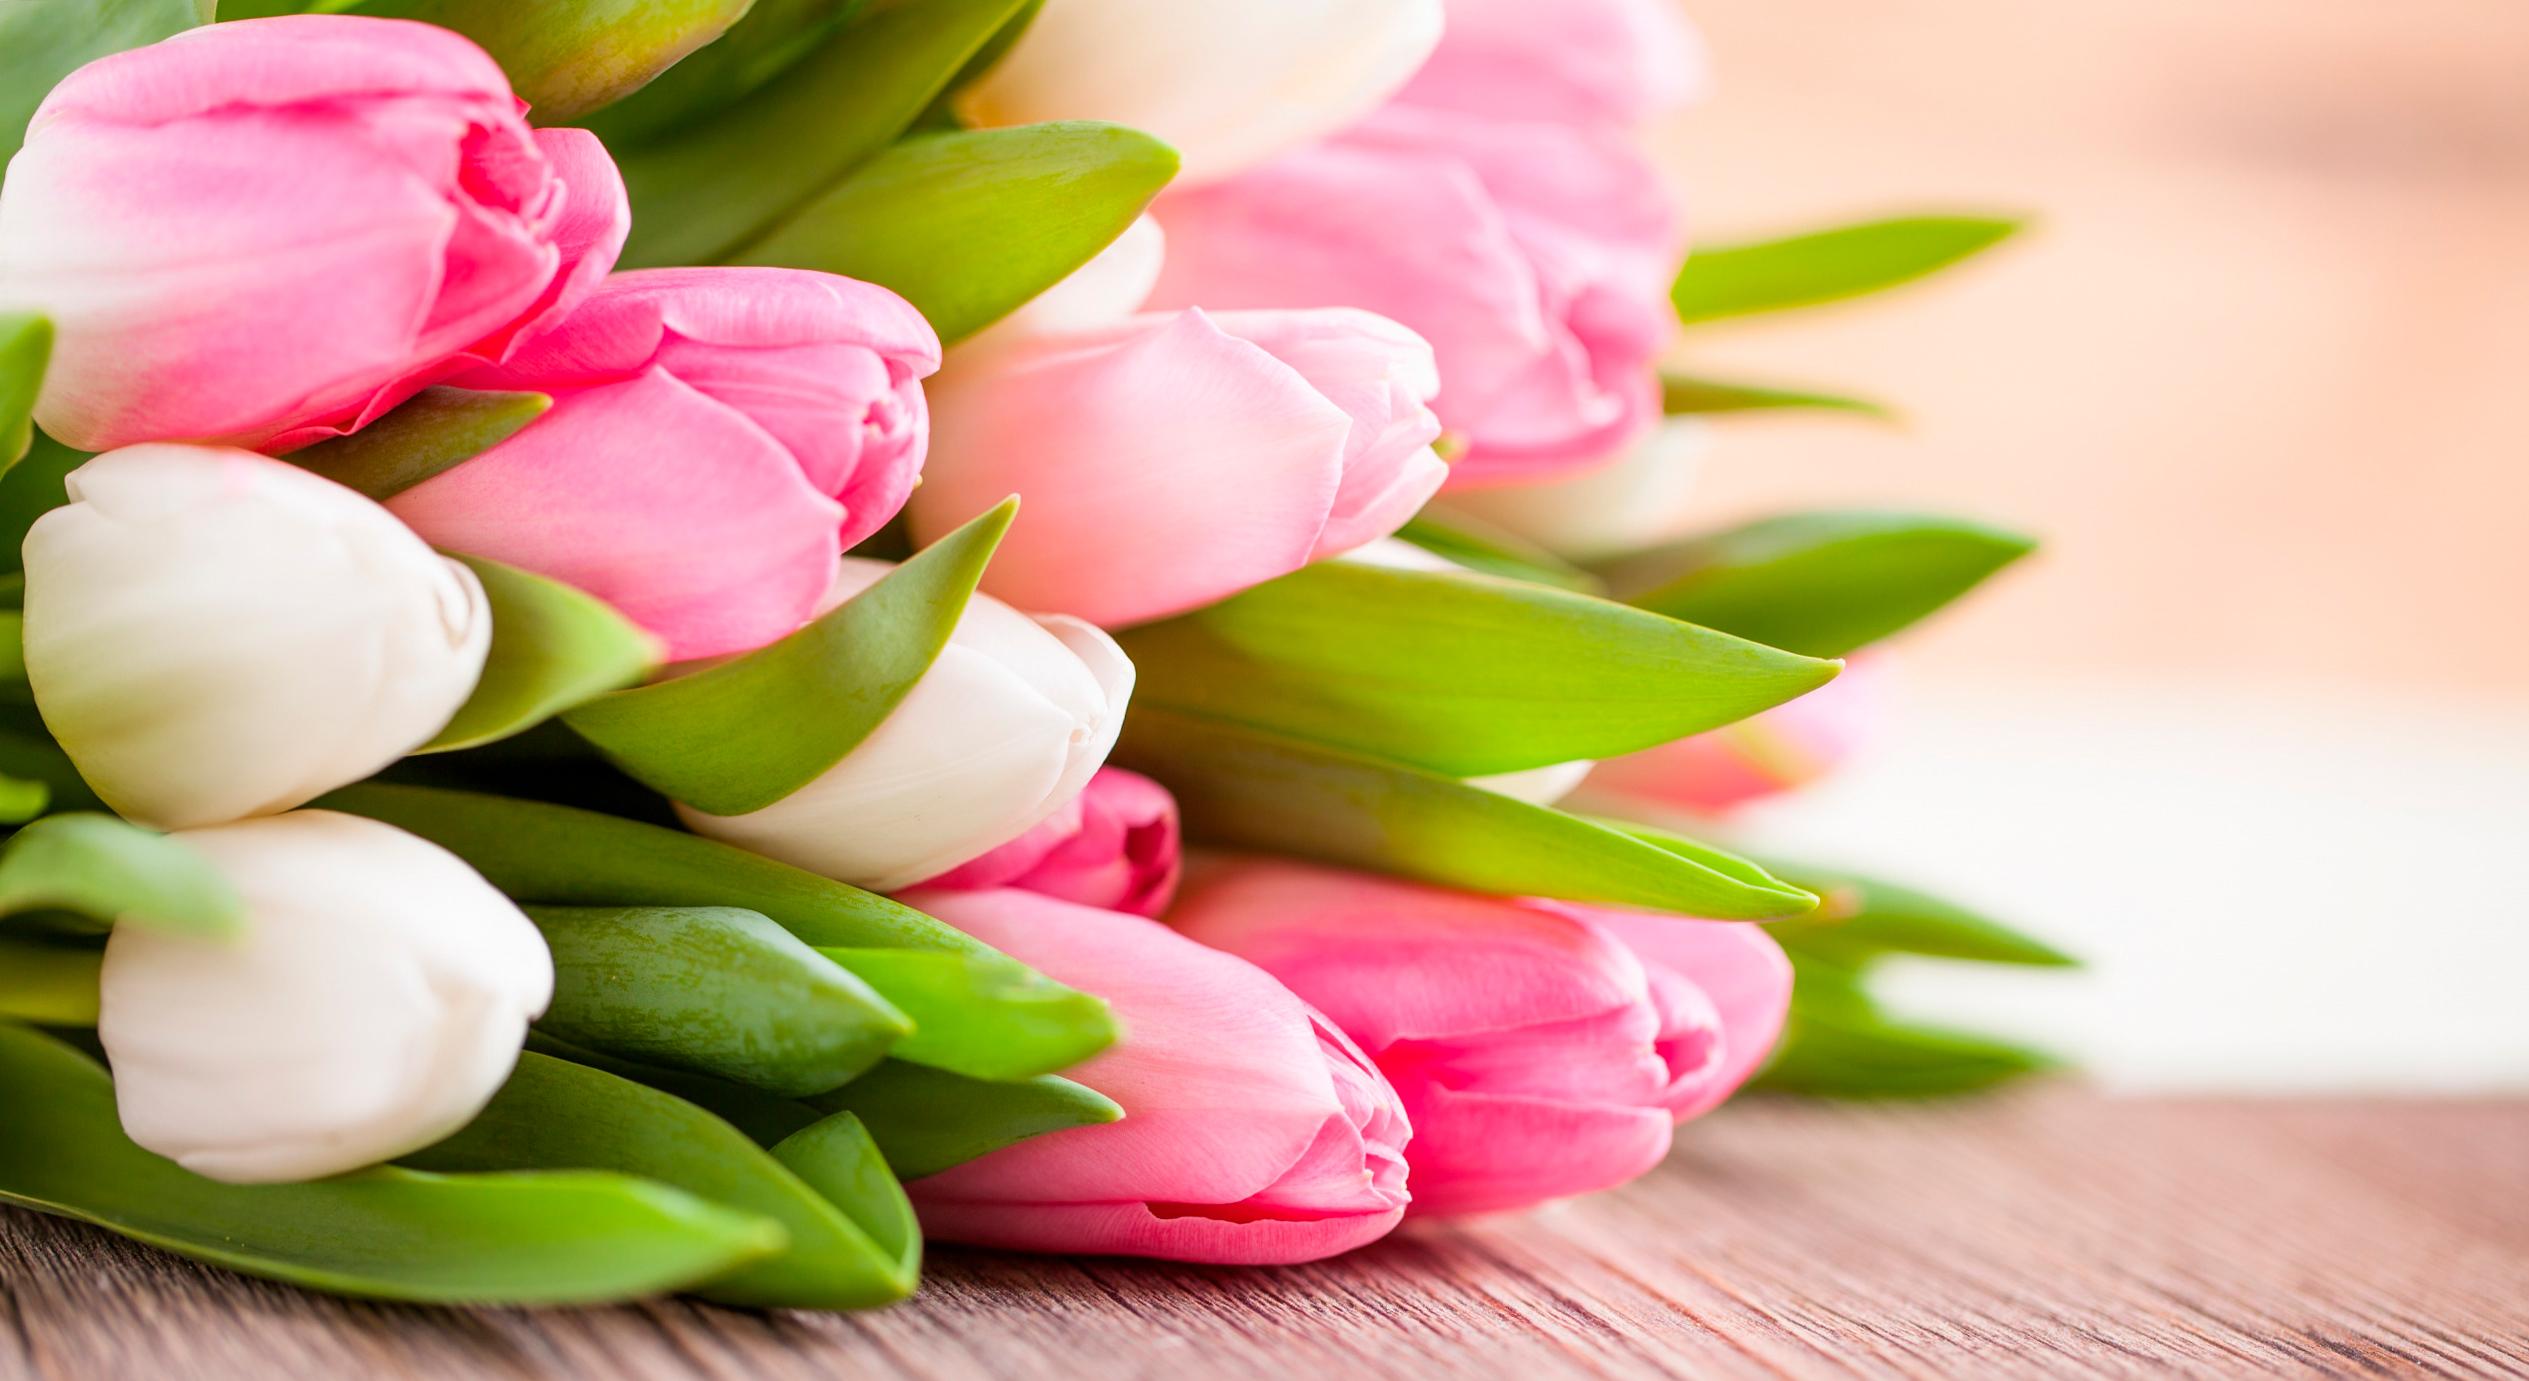 tulip-photo-138